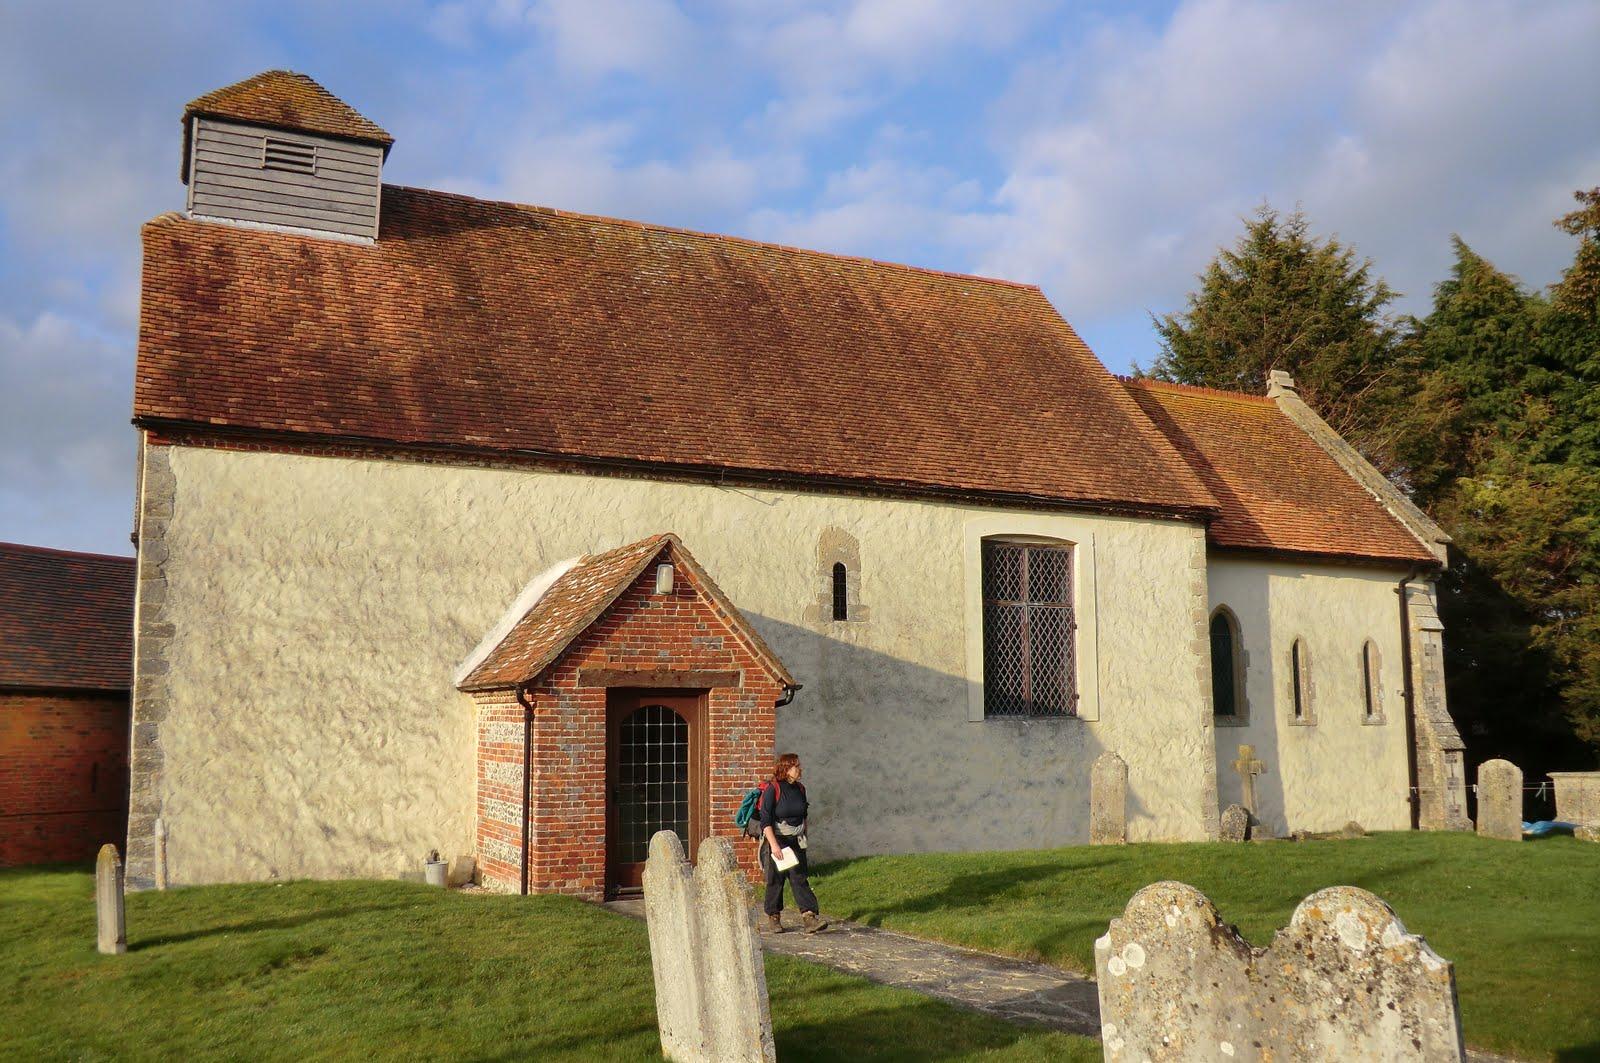 CIMG1721 St Mary's church, Tufton